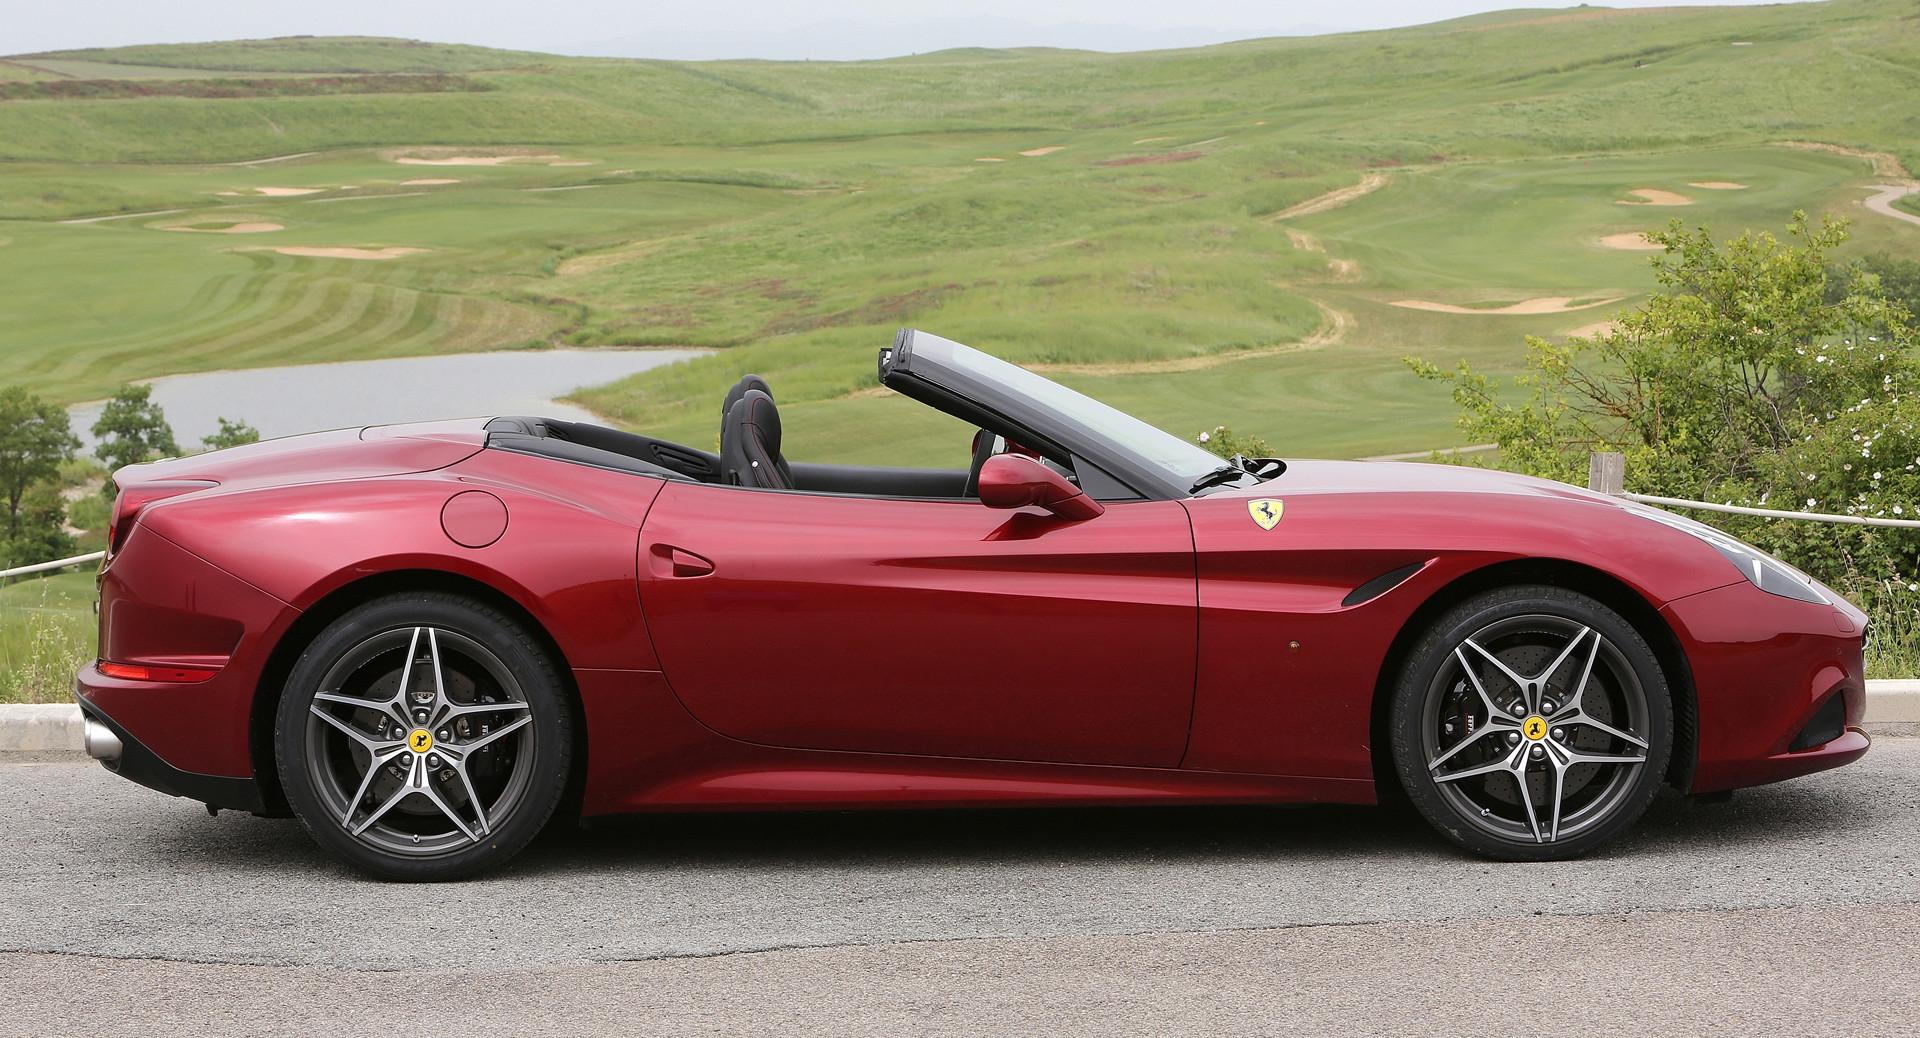 Ferrari California T Convertible — Instant Luxury Rentals